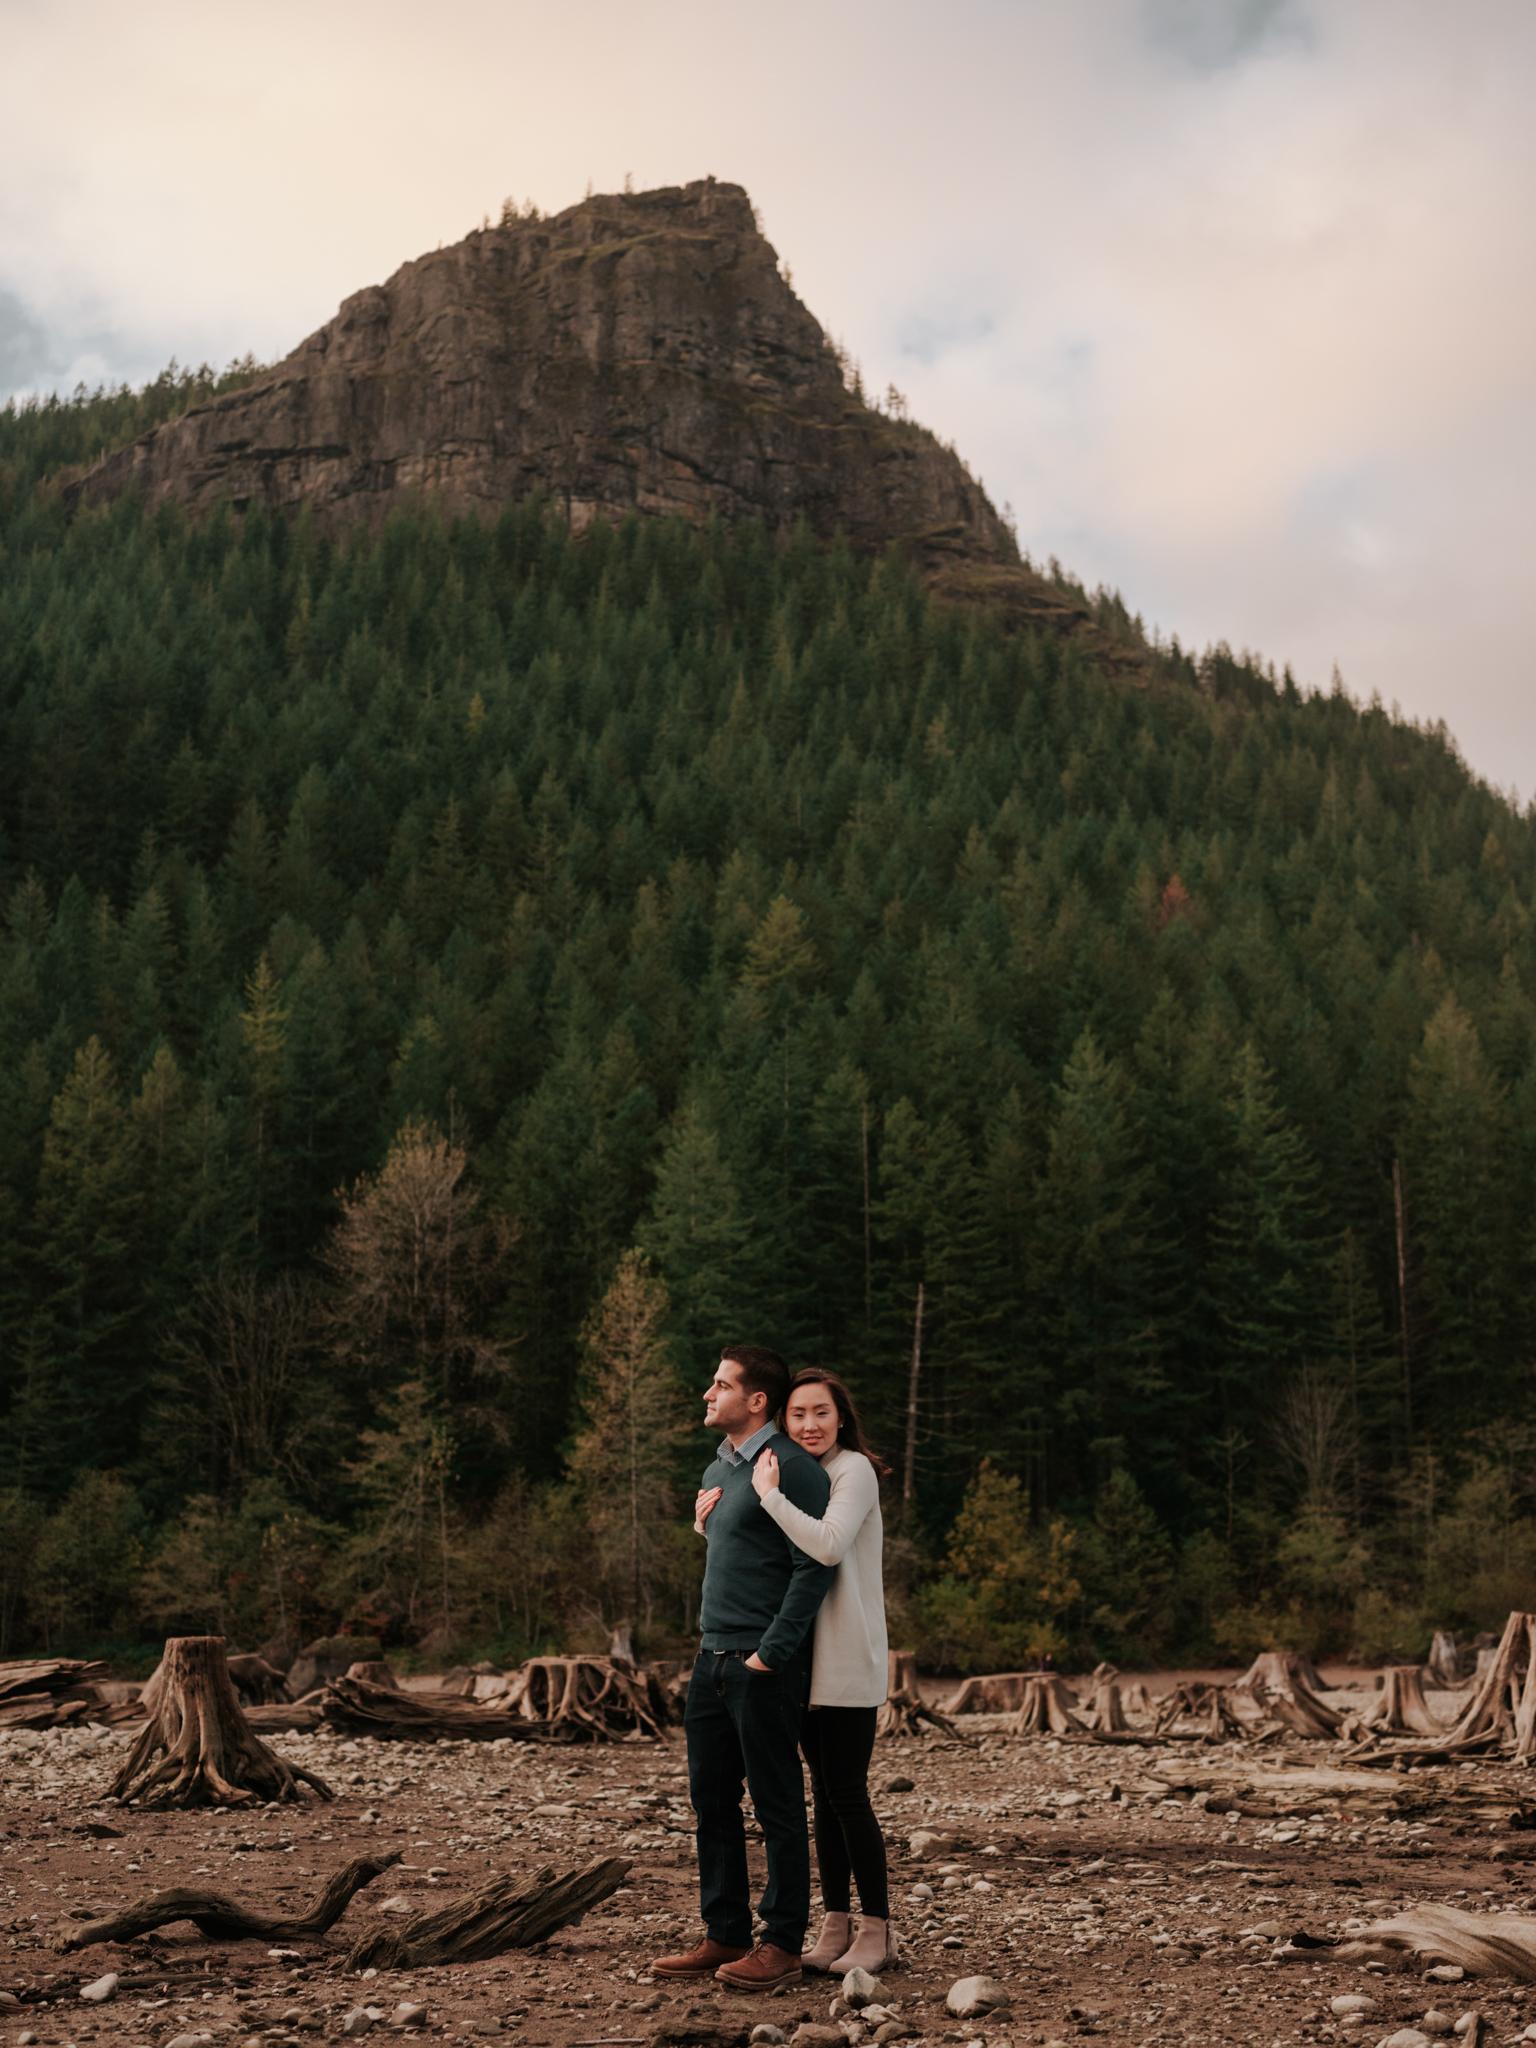 Seattle Engagement Photographer_Stolen Glimpses 54.jpg